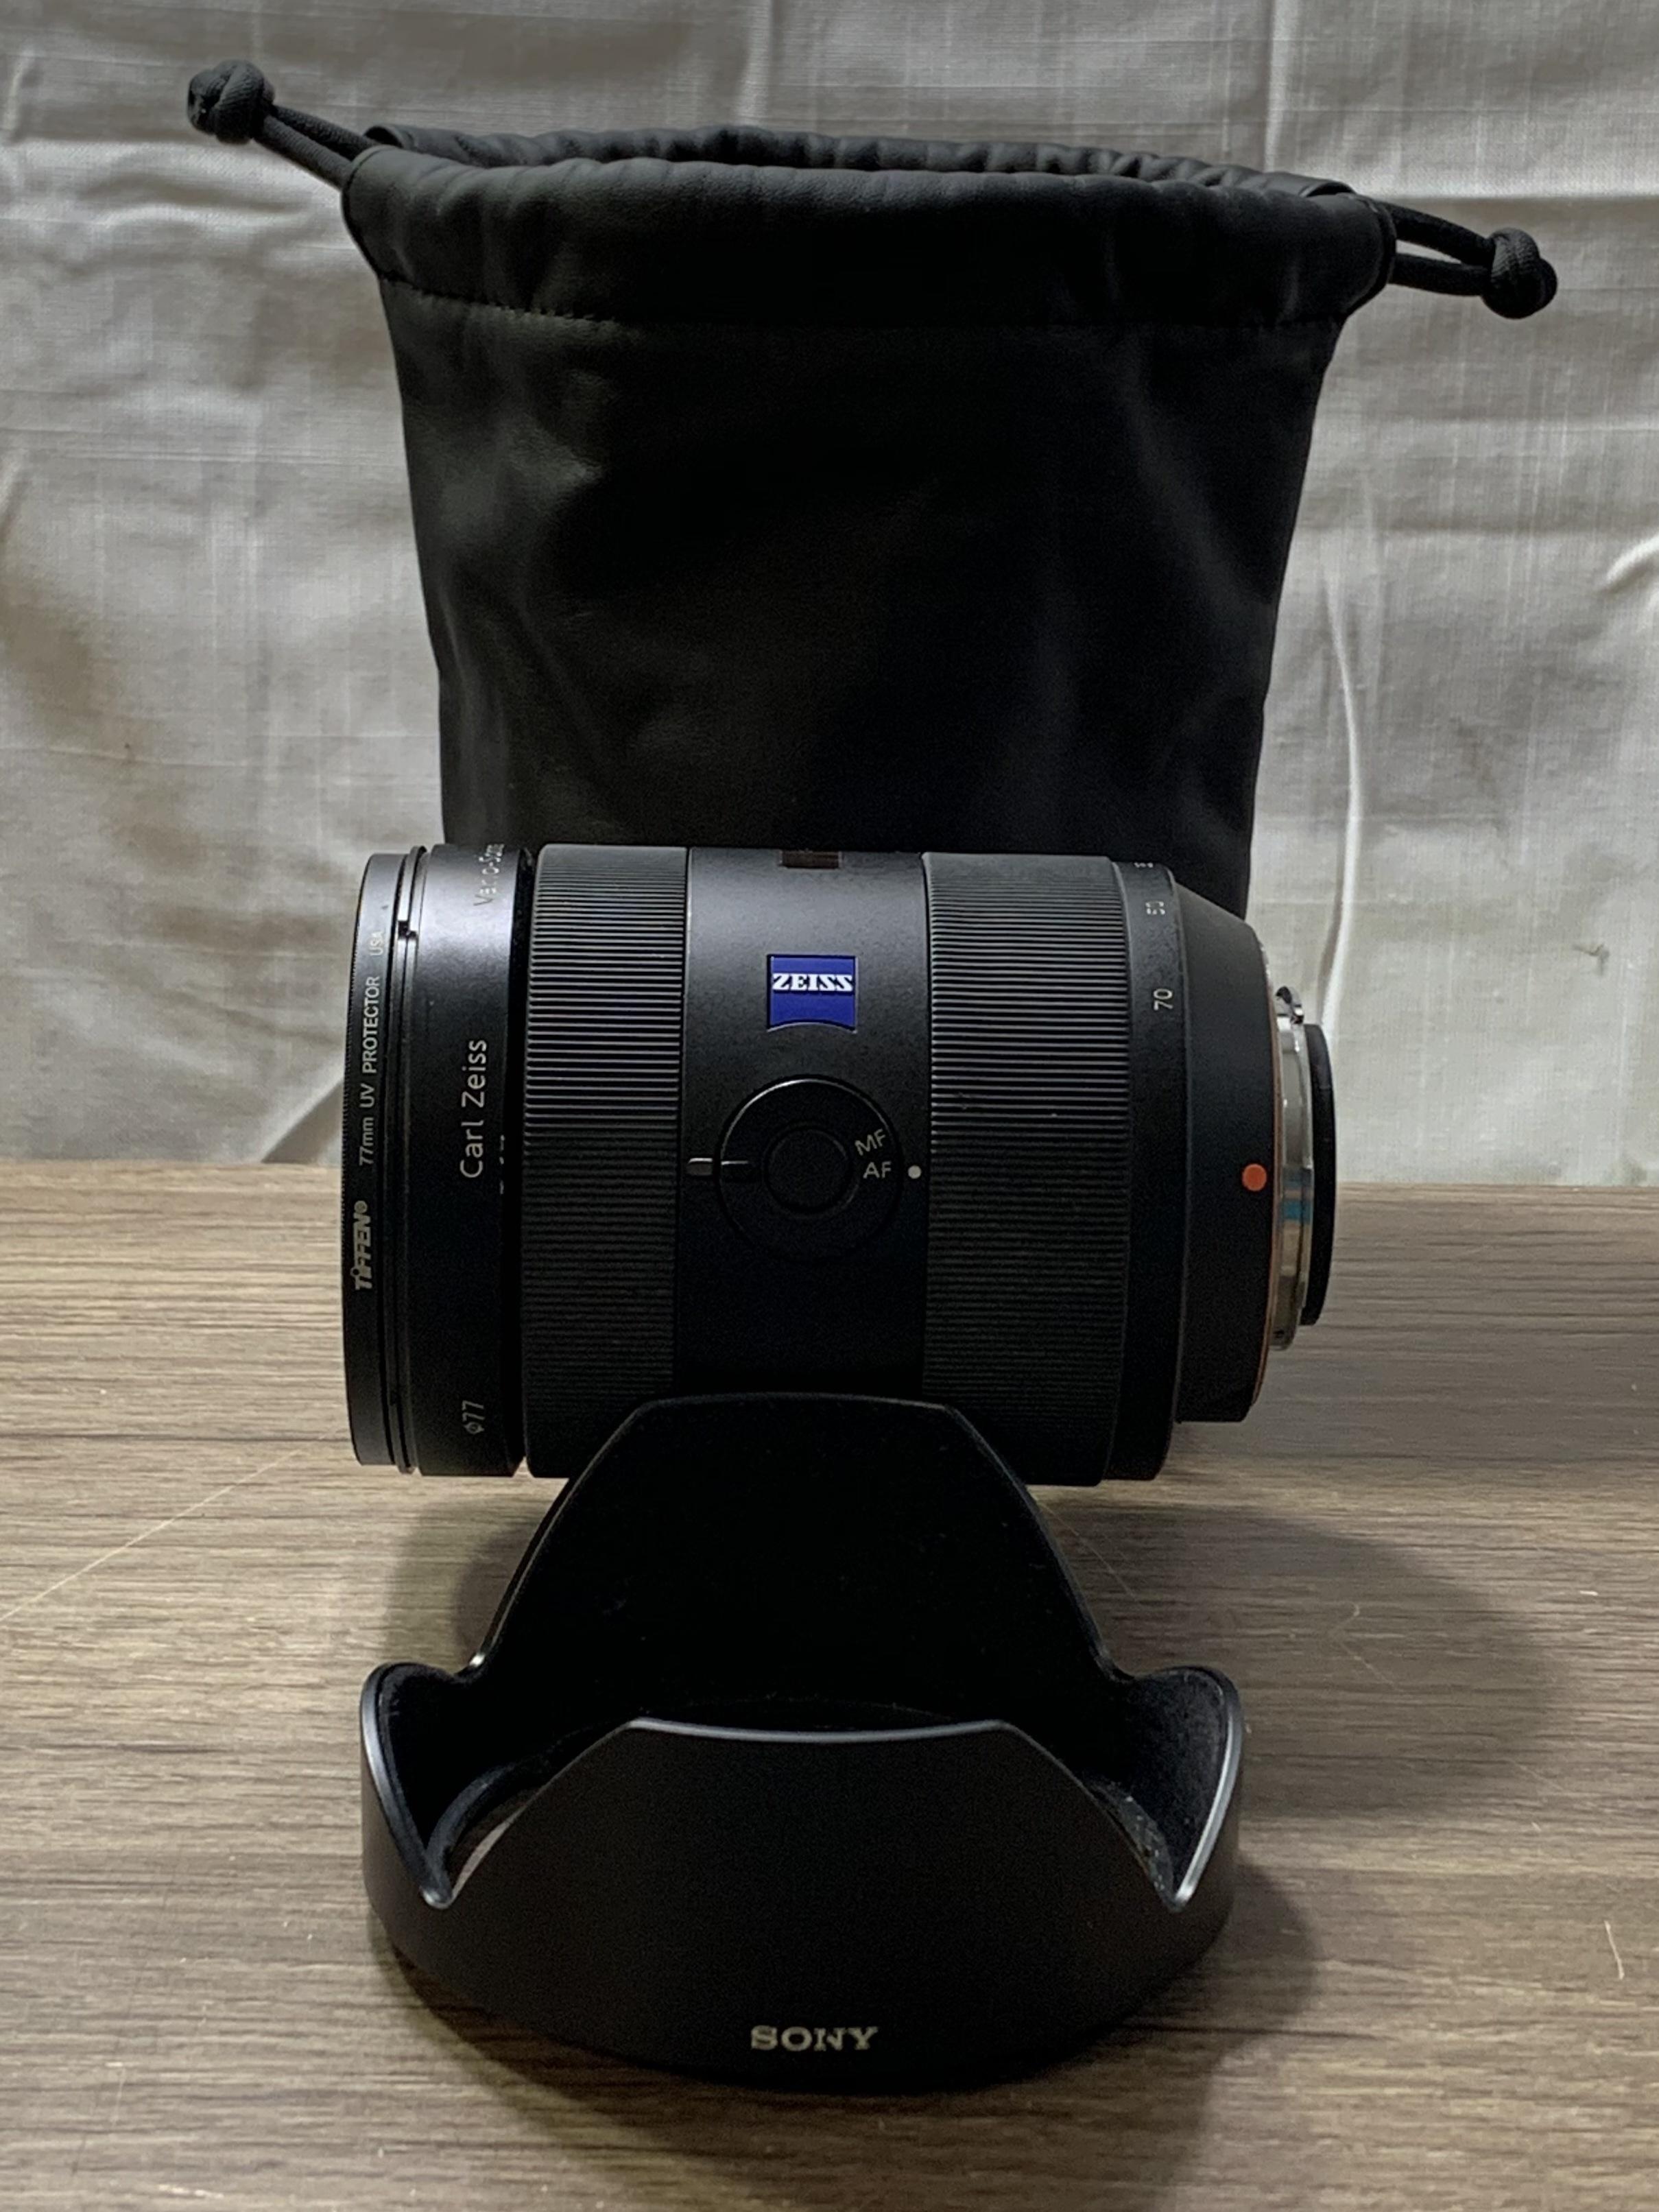 Sony Zeiss Vario -Sonnar 24-70mm f/2.8 ZA Lens full frame lens for Sony A mount